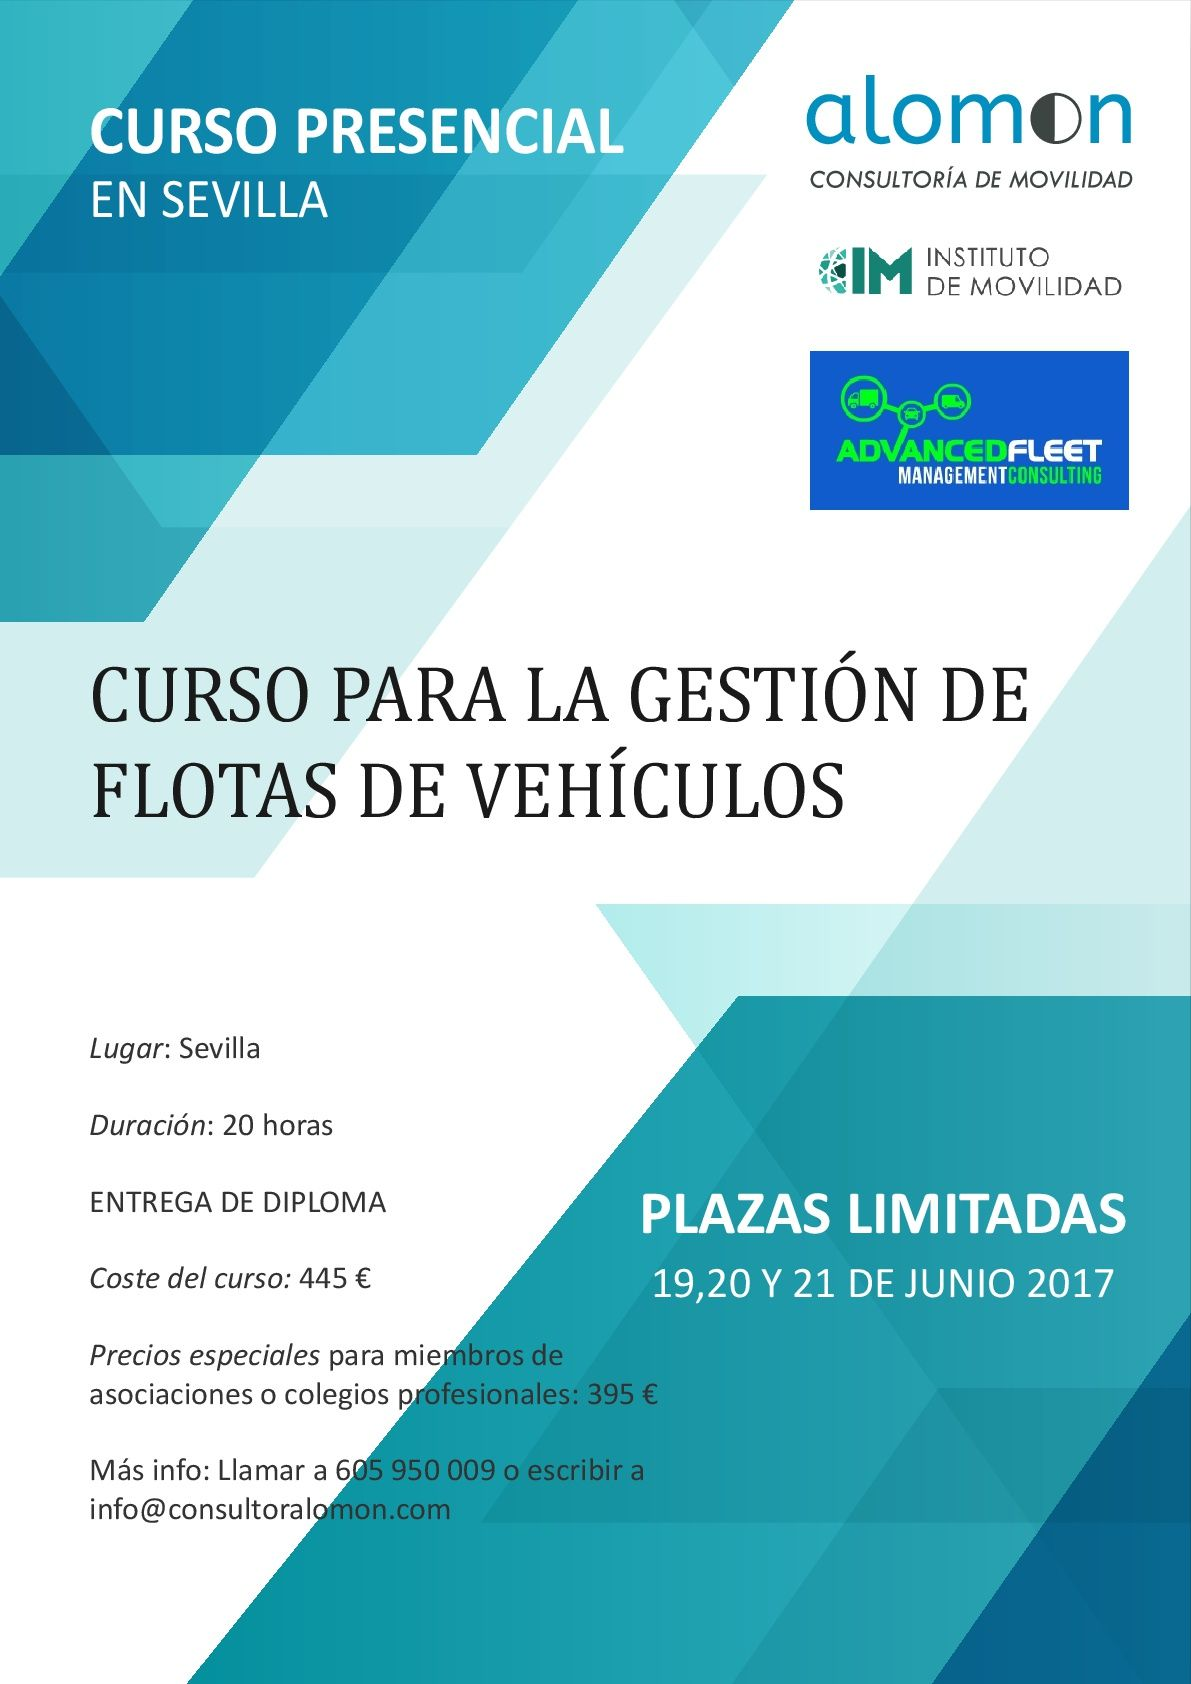 CURSO PRESENCIAL EN SEVILLA DE GESTIÓN DE FLOTAS DE VEHÍCULOS 19-20-21 de Junio